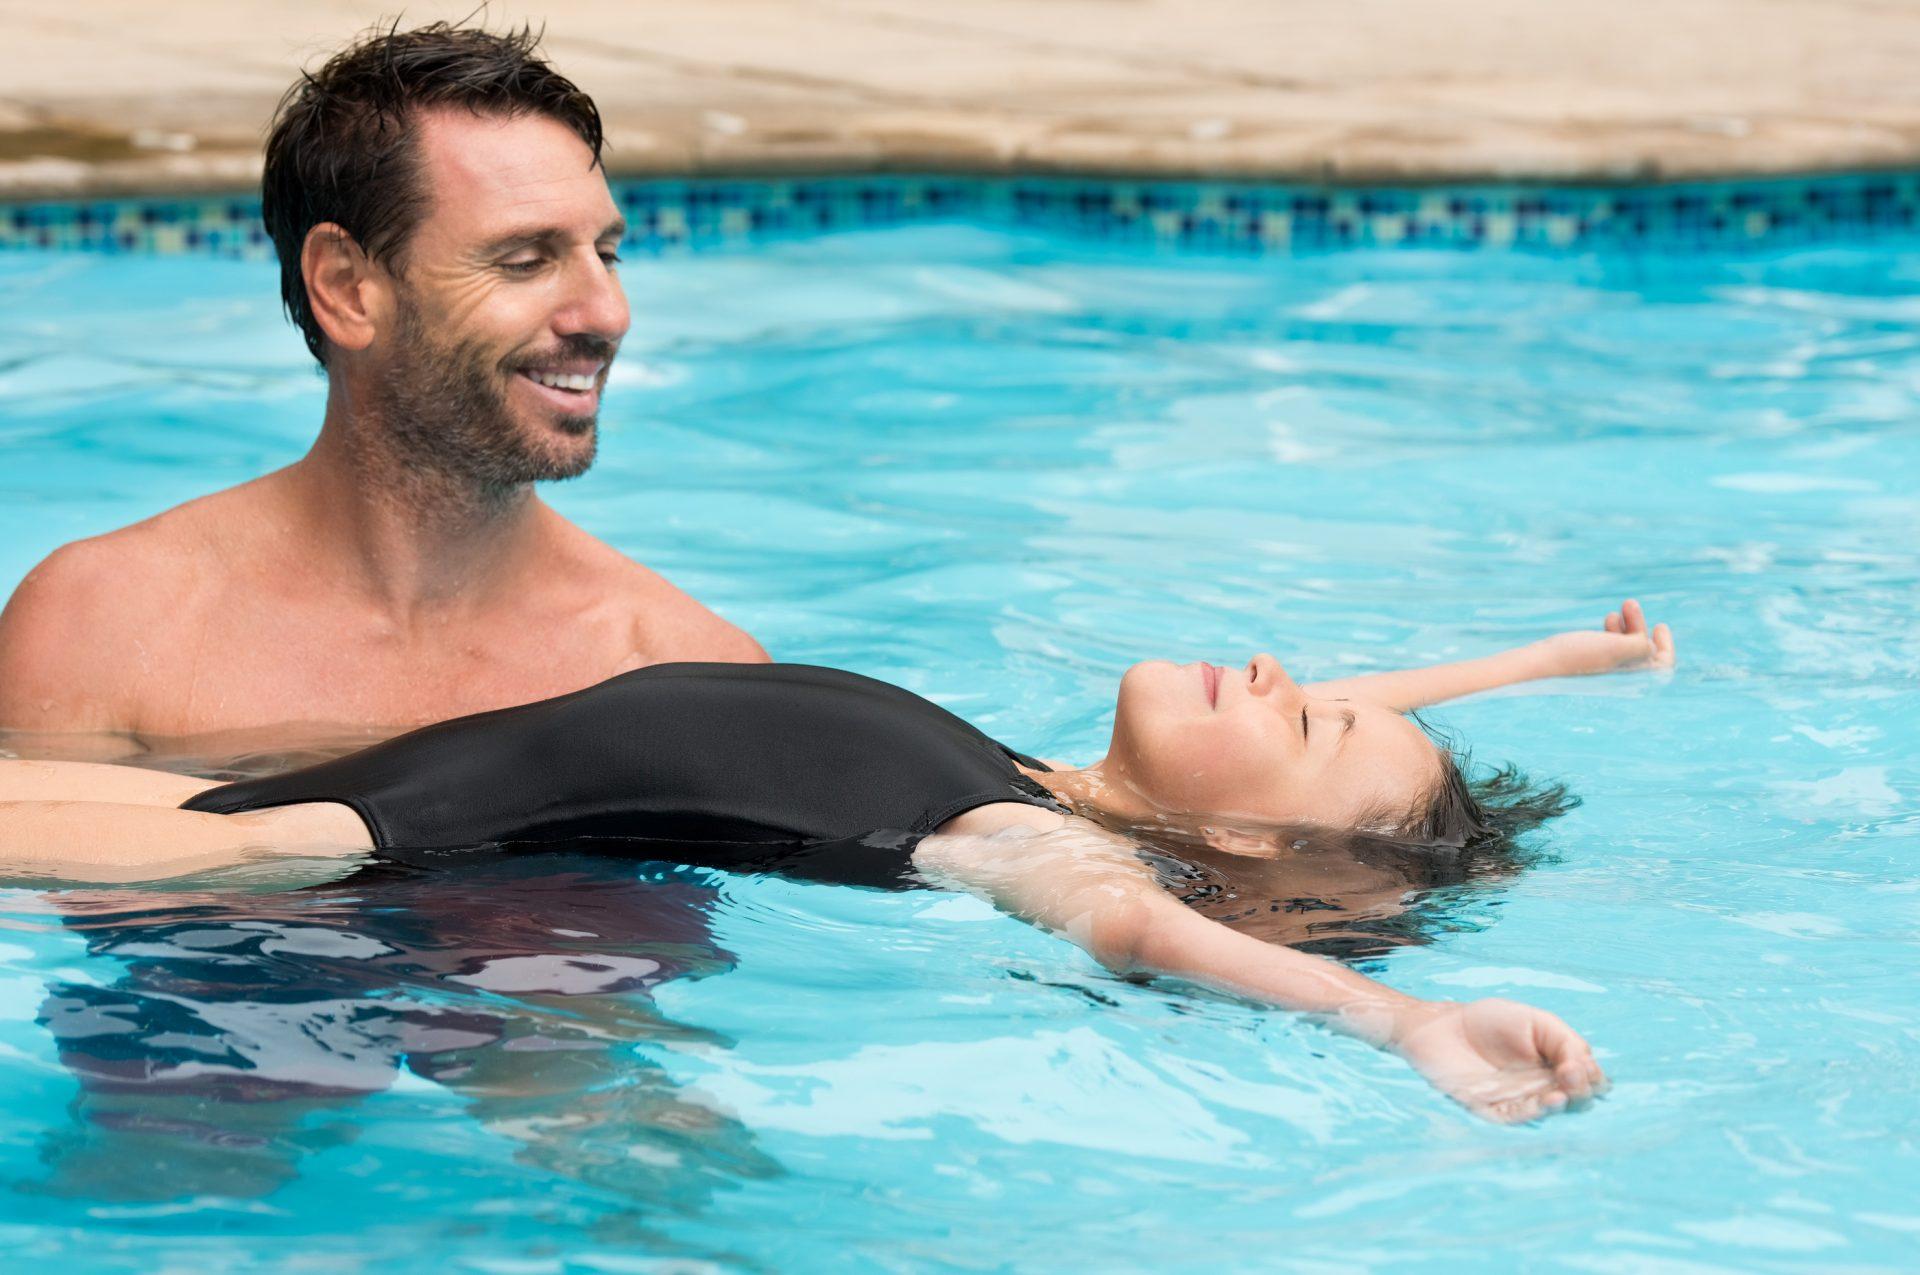 Einzelunterricht bzw. Einzelschwimmstunden gehören in das Portfolie jeder Schwimmschule.